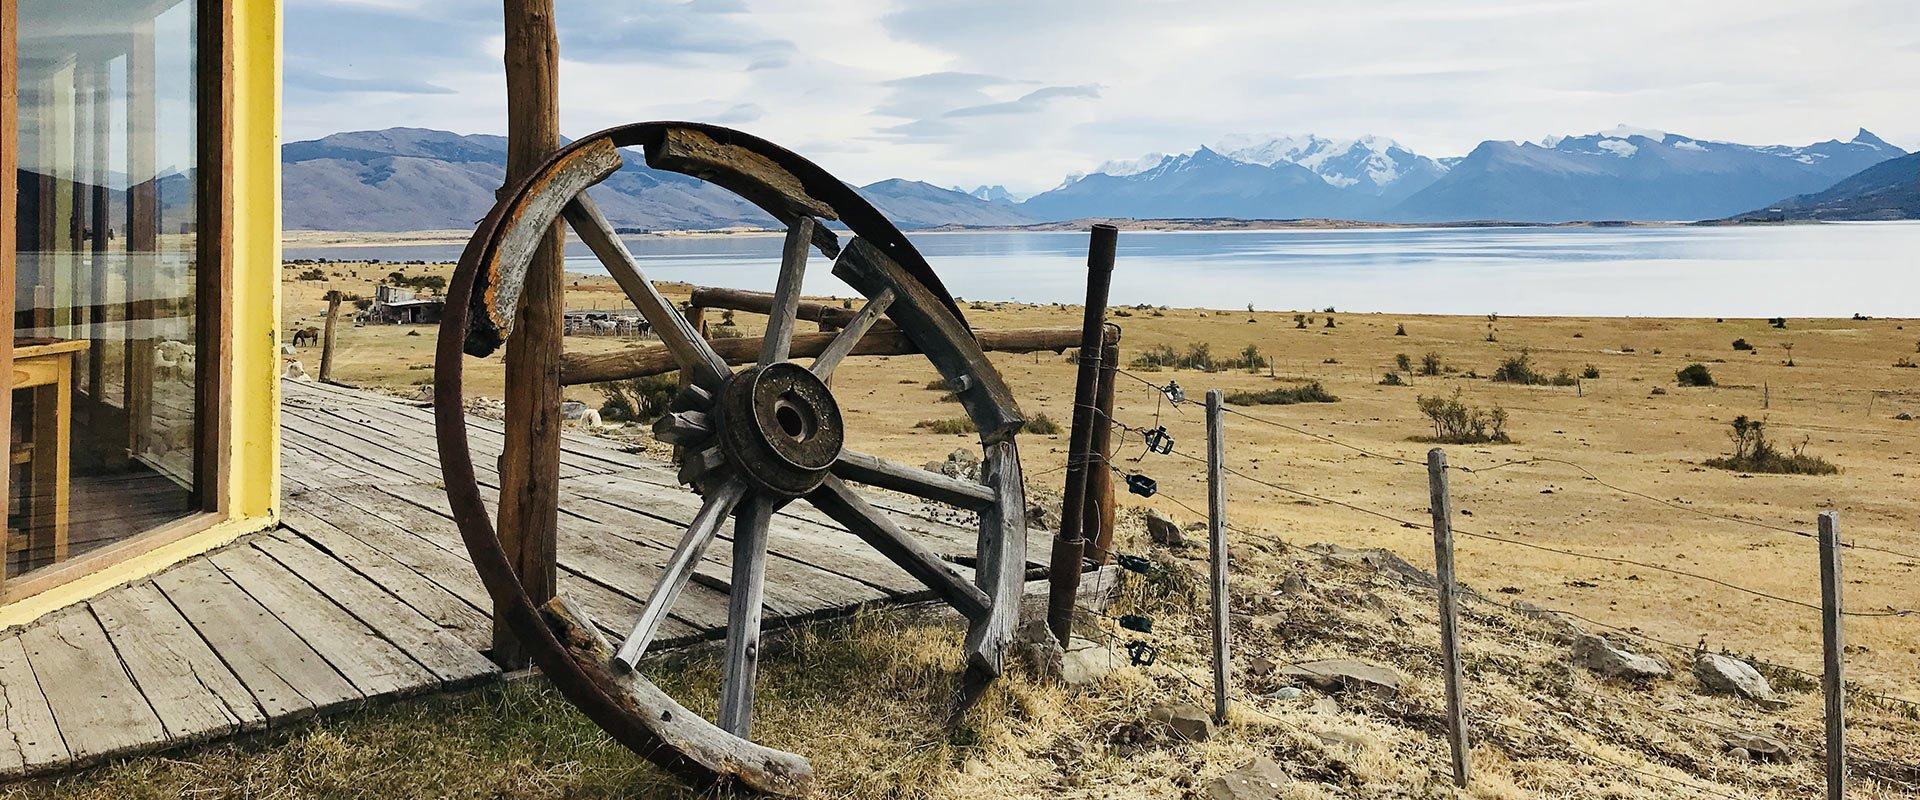 estancia el calafate argentine patagonie